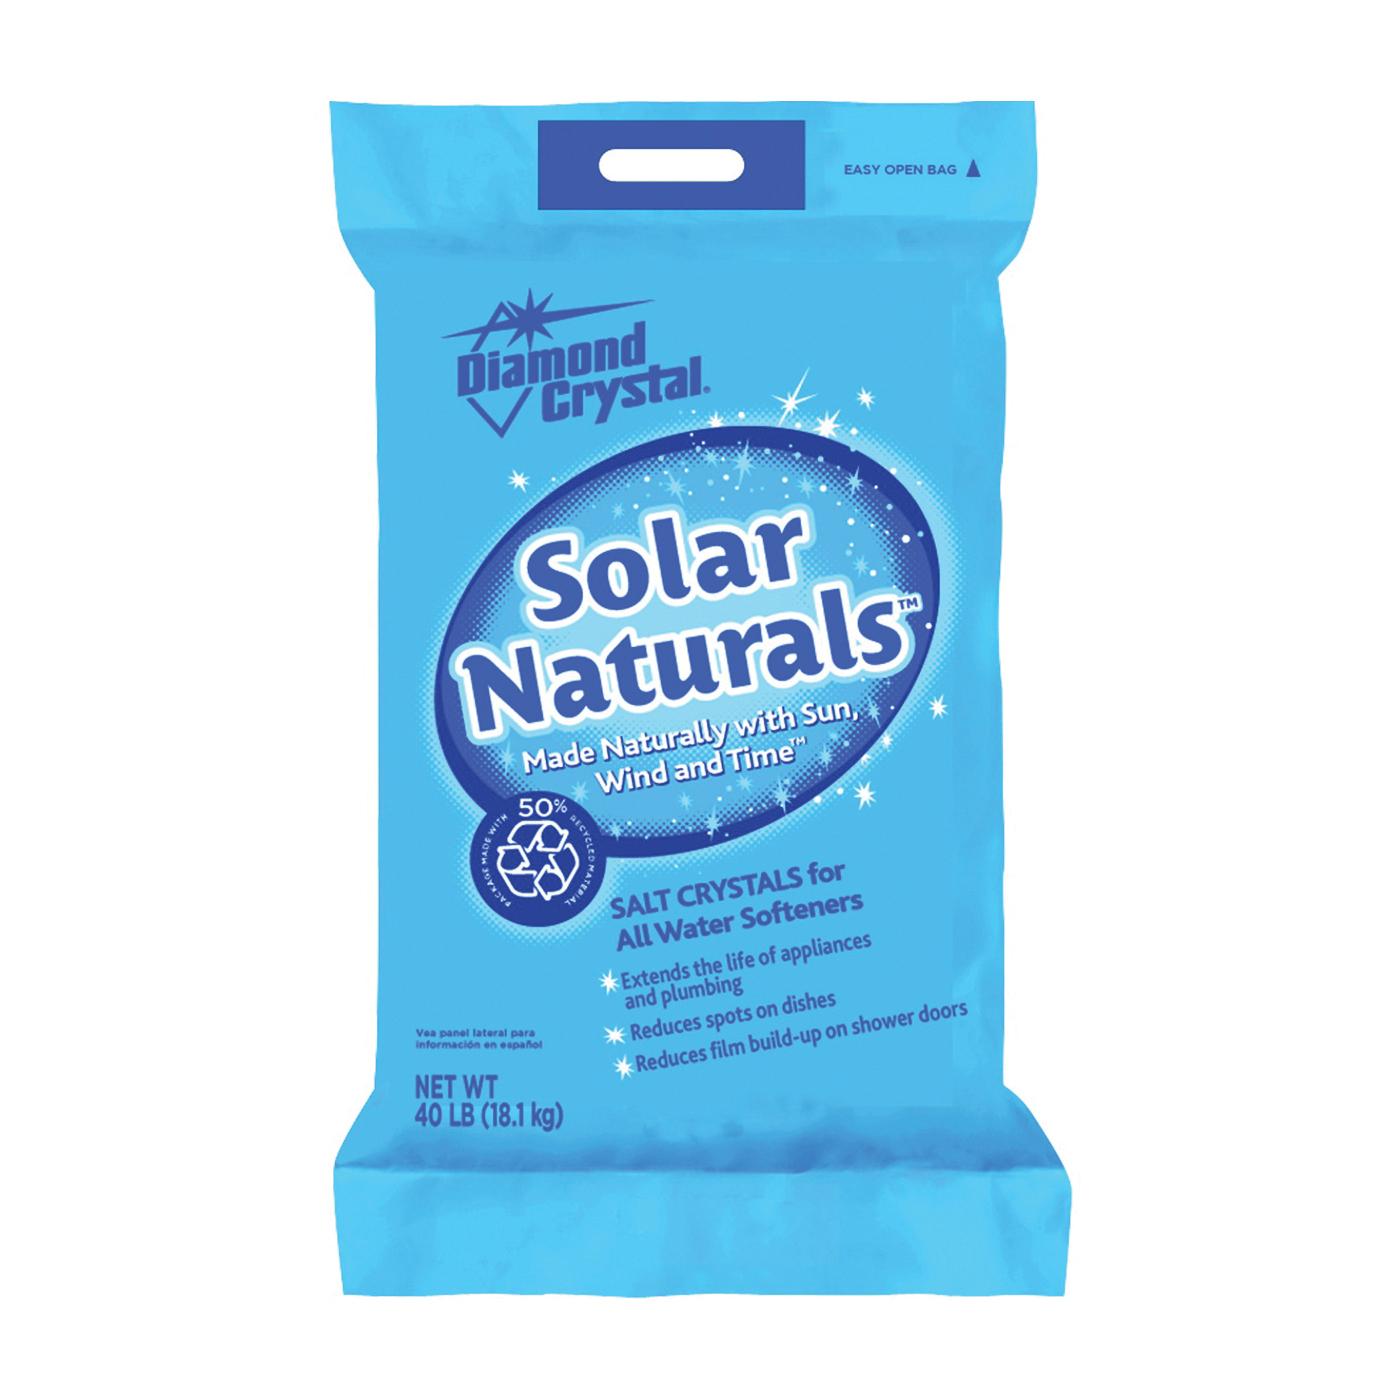 Picture of Cargill Diamond Crystal Solar Naturals 100012411 Salt Pellets, 40 lb Package, Bag, Crystalline Solid, Halogen